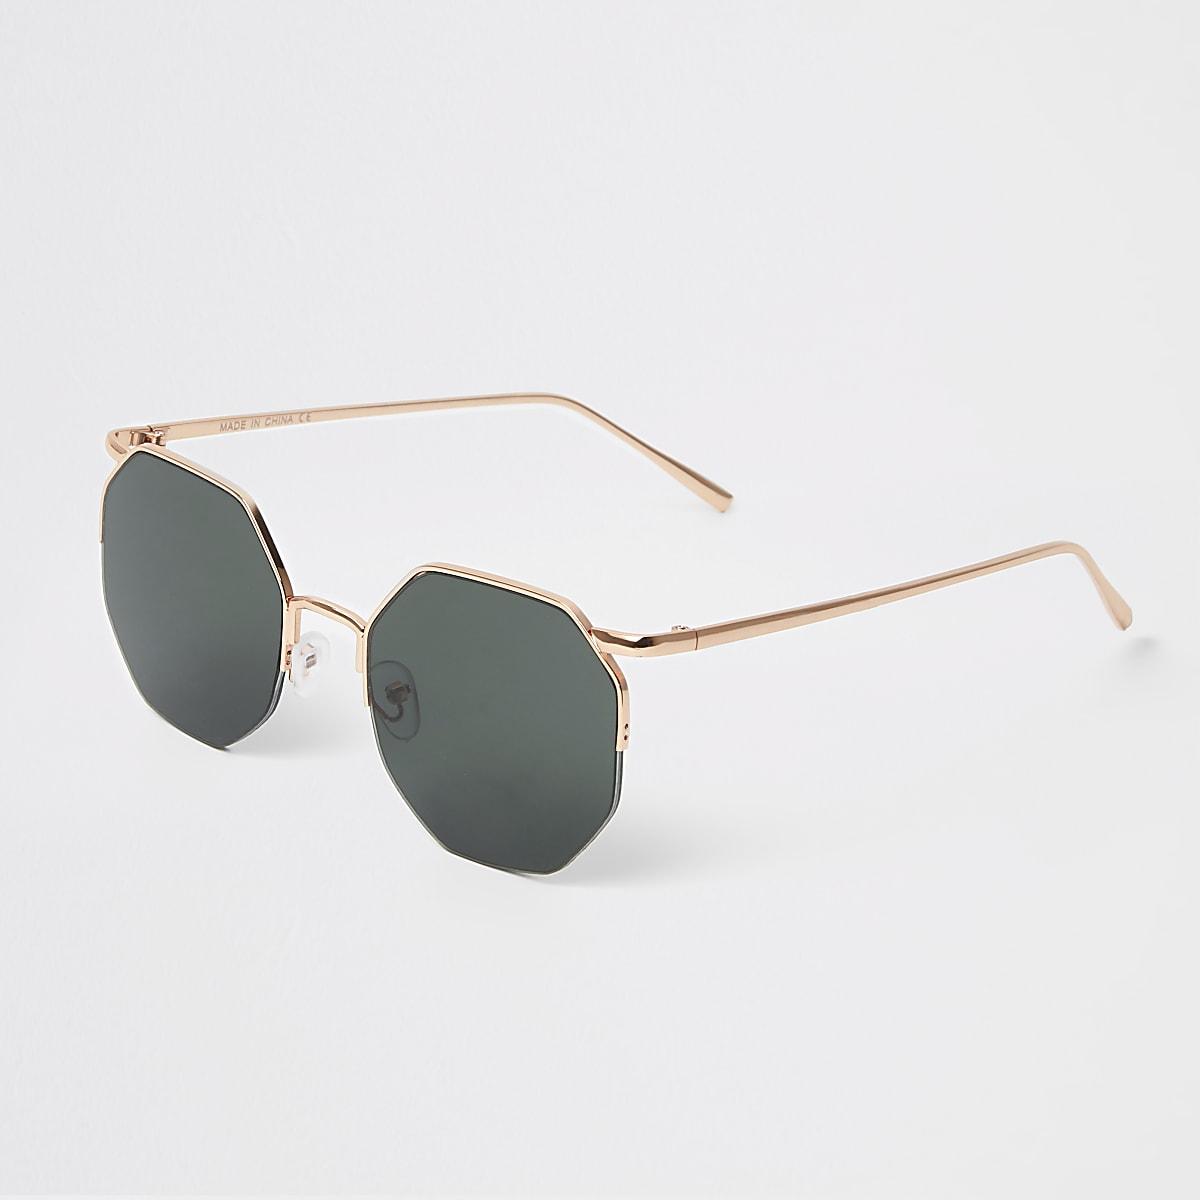 35c1d47318 Green lens hex sunglasses